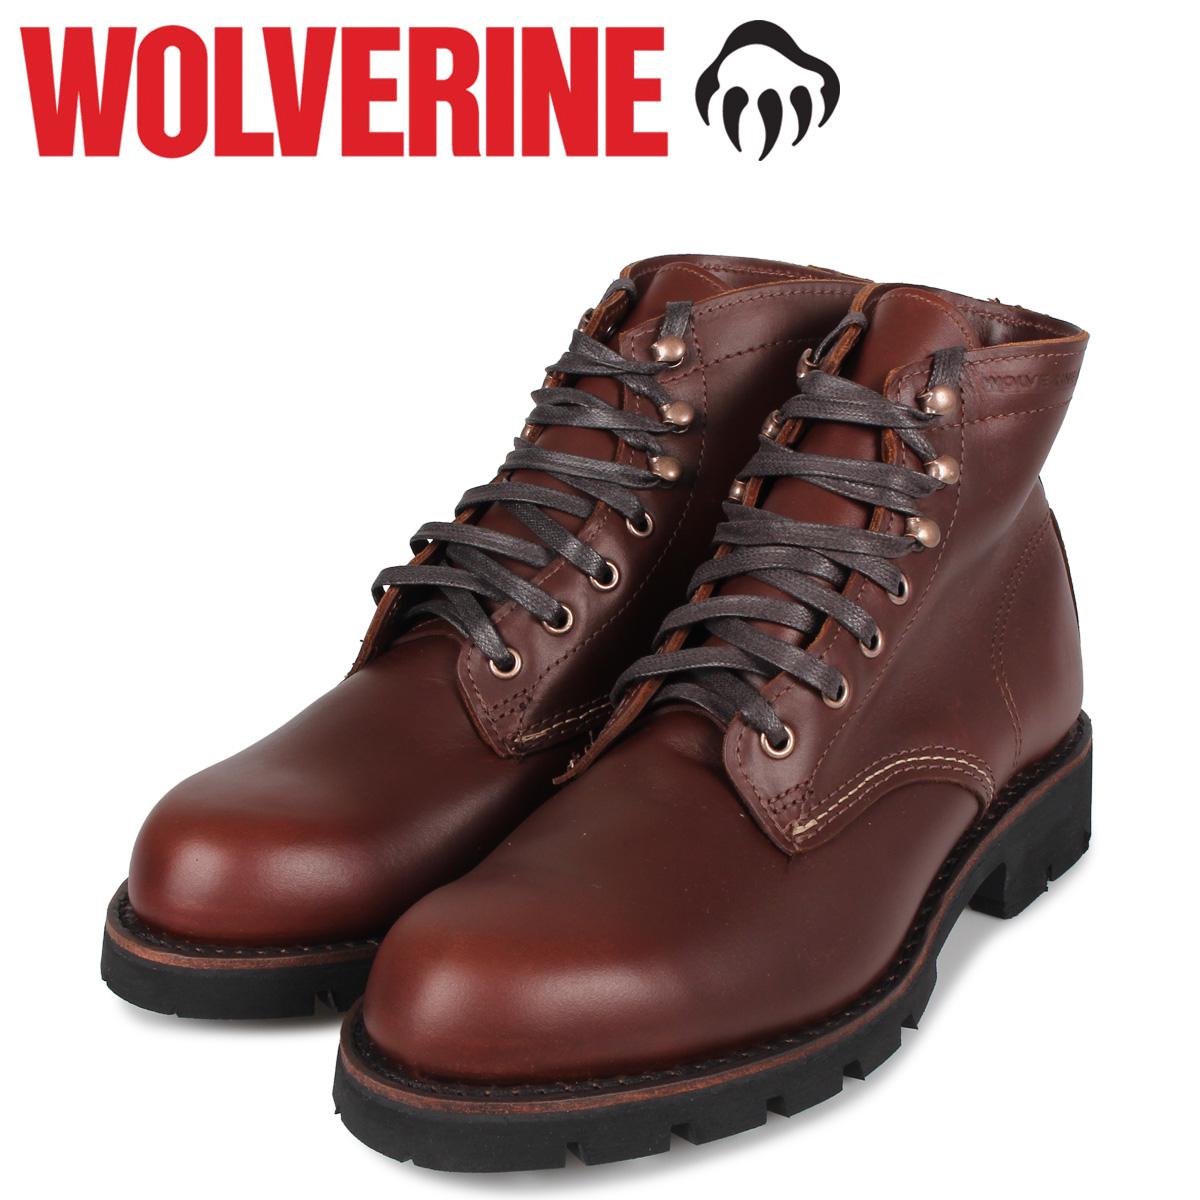 ウルヴァリン WOLVERINE 1000マイルブーツ メンズ 1000MILE BOOT ARCTIC GRIP Dワイズ ブラウン W40536